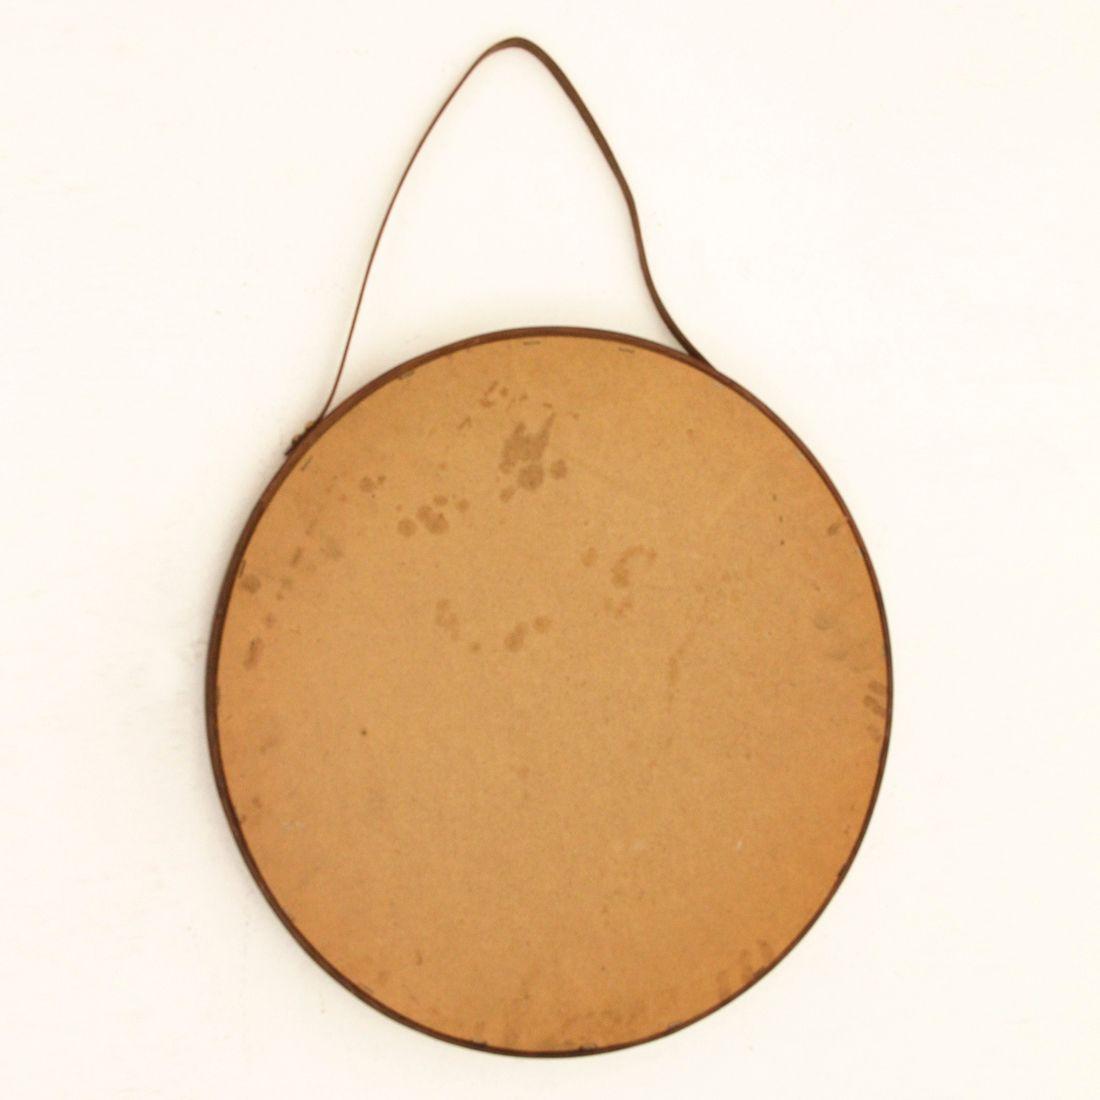 Miroir rond en bois courb italie 1960s en vente sur pamono for Miroir rond bois